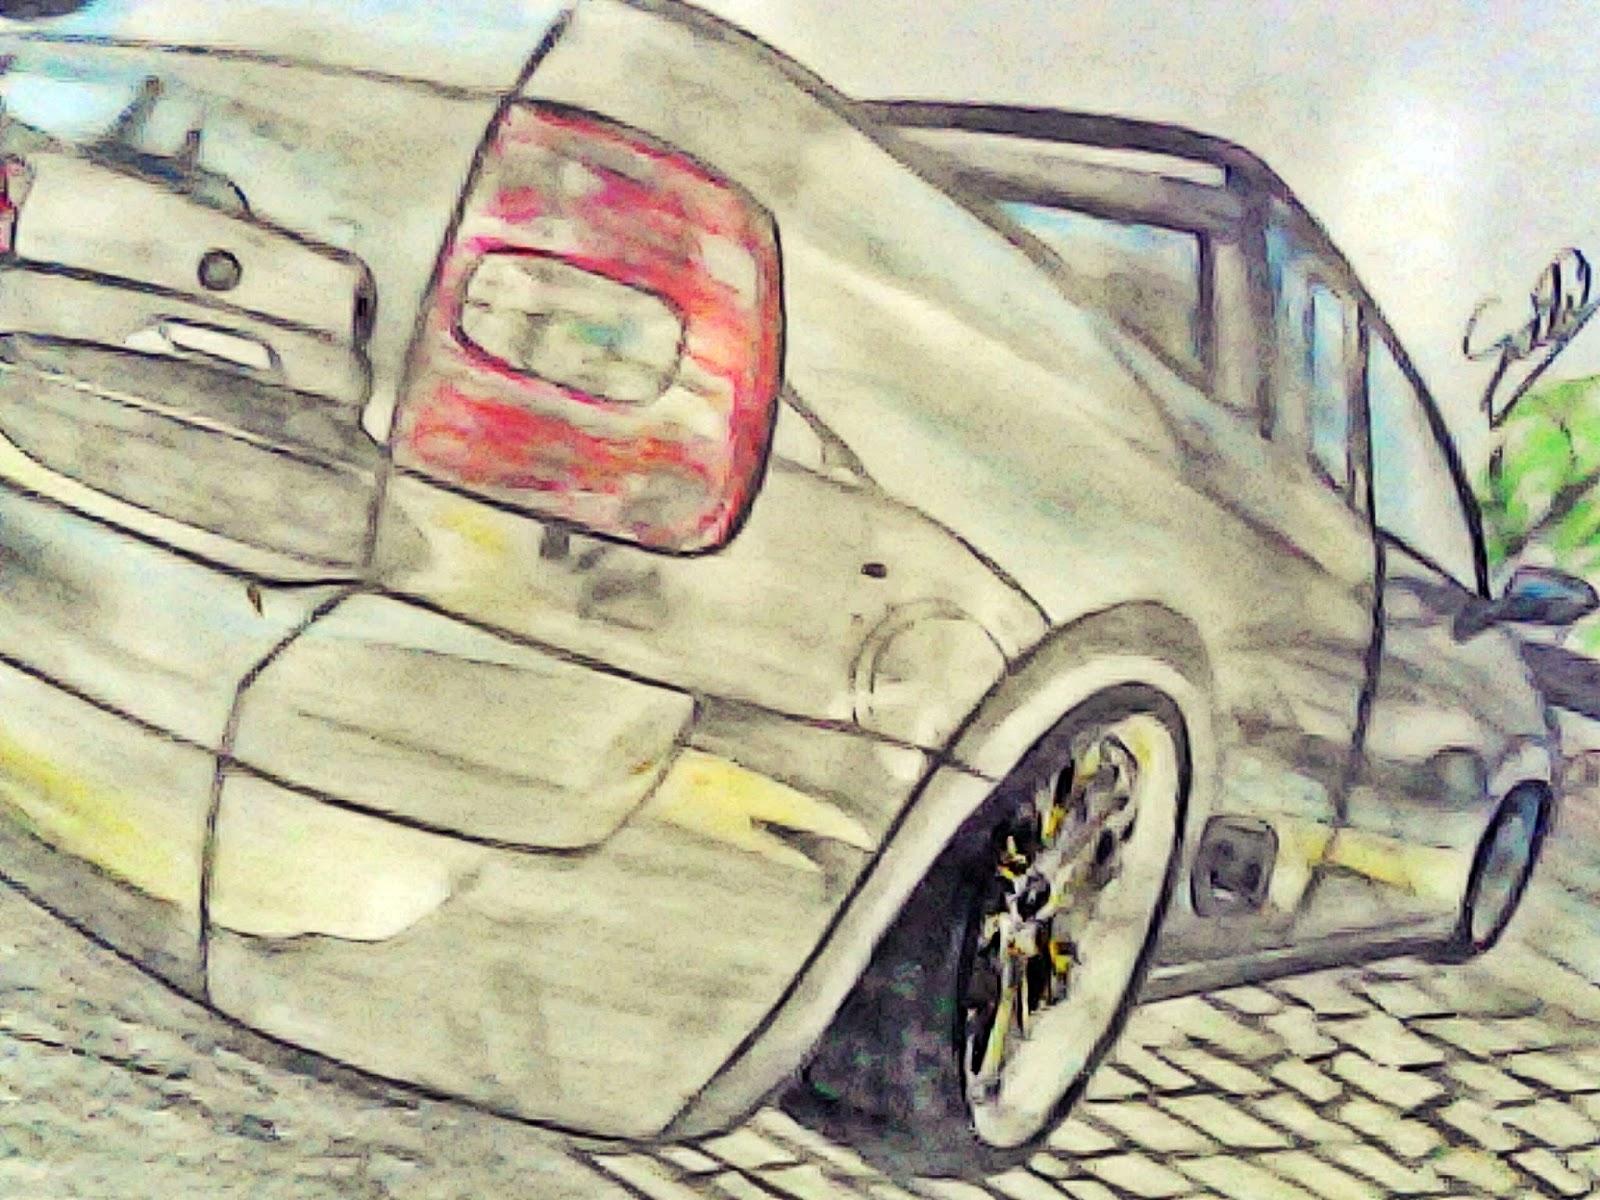 Suficiente Designer automobilistico ,Evoluçao automotiva: Carros rebaixados  UR07